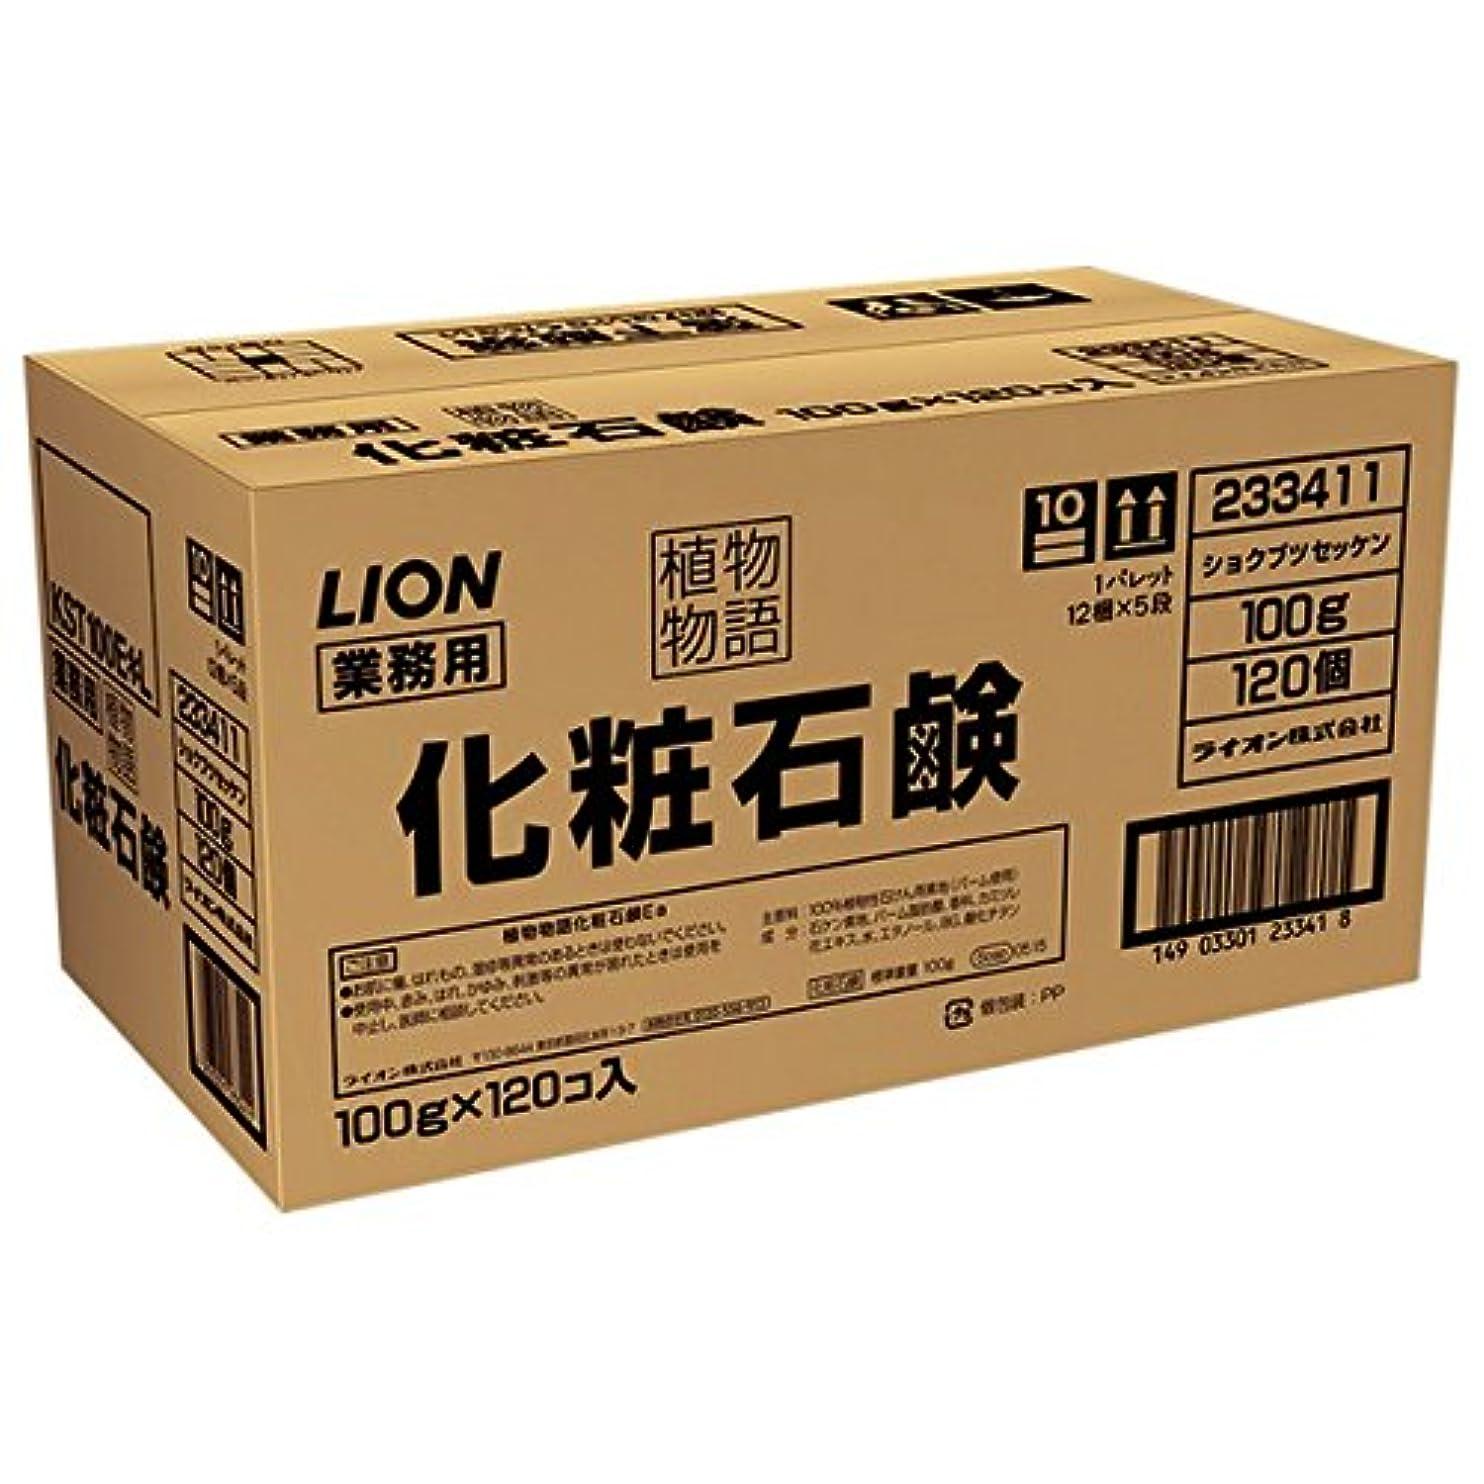 スラックネット最小化するライオン 植物物語 化粧石鹸 業務用 100g 1箱(120個)